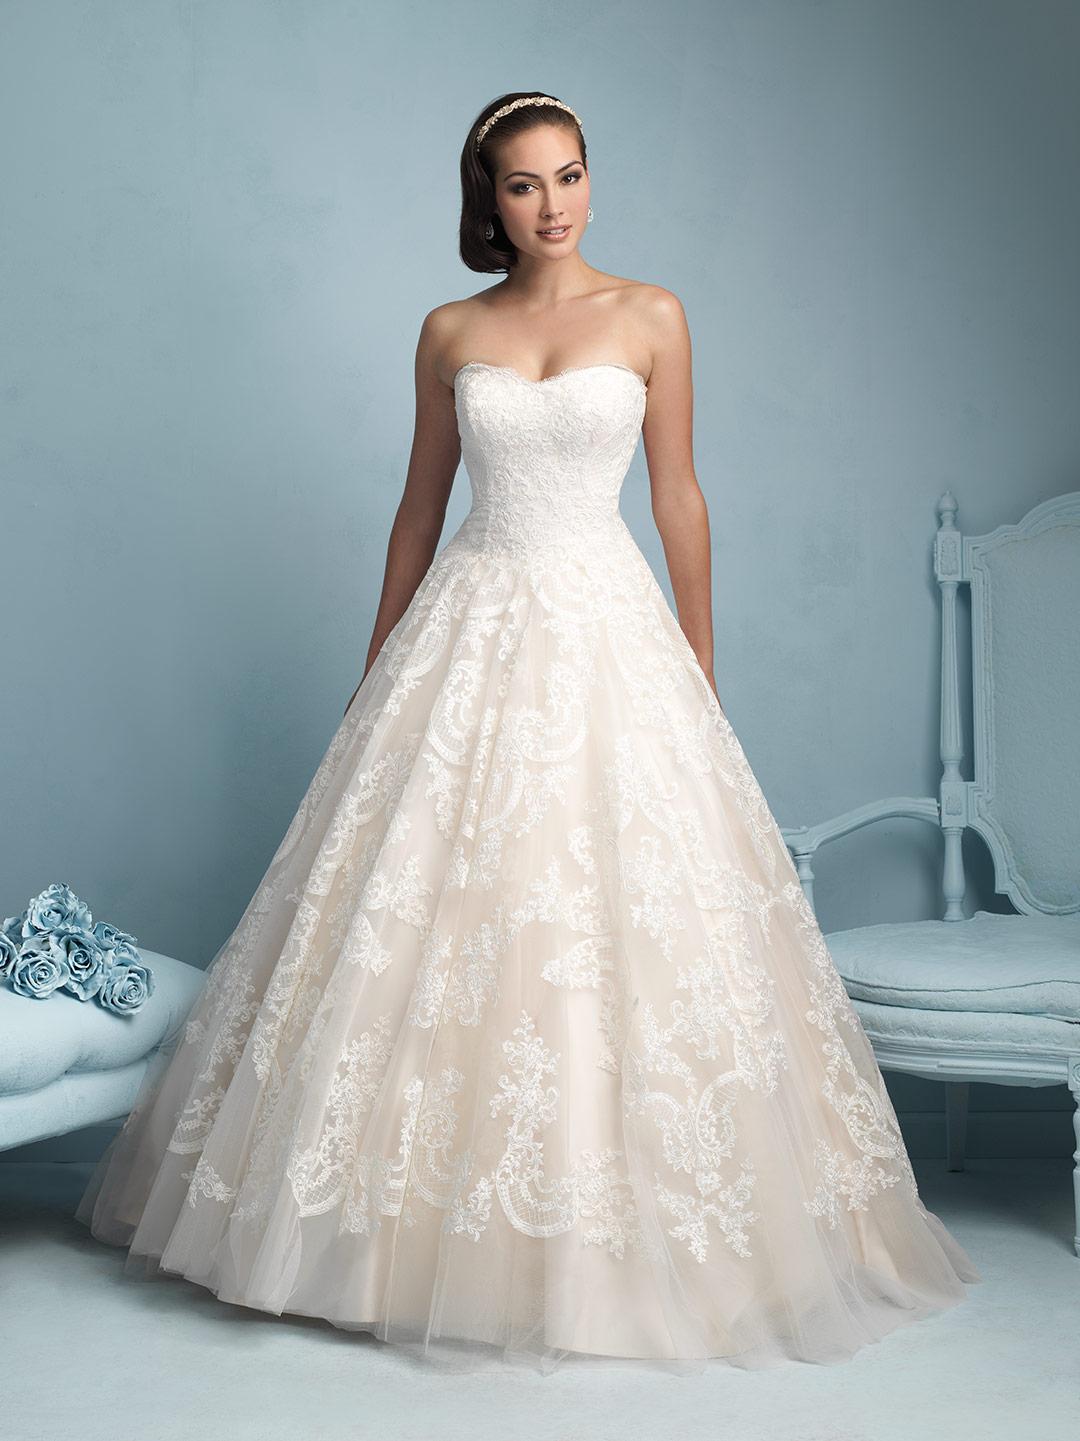 Fine Bridal Gowns Ebay Model - Colorful Wedding Dress Ideas ...